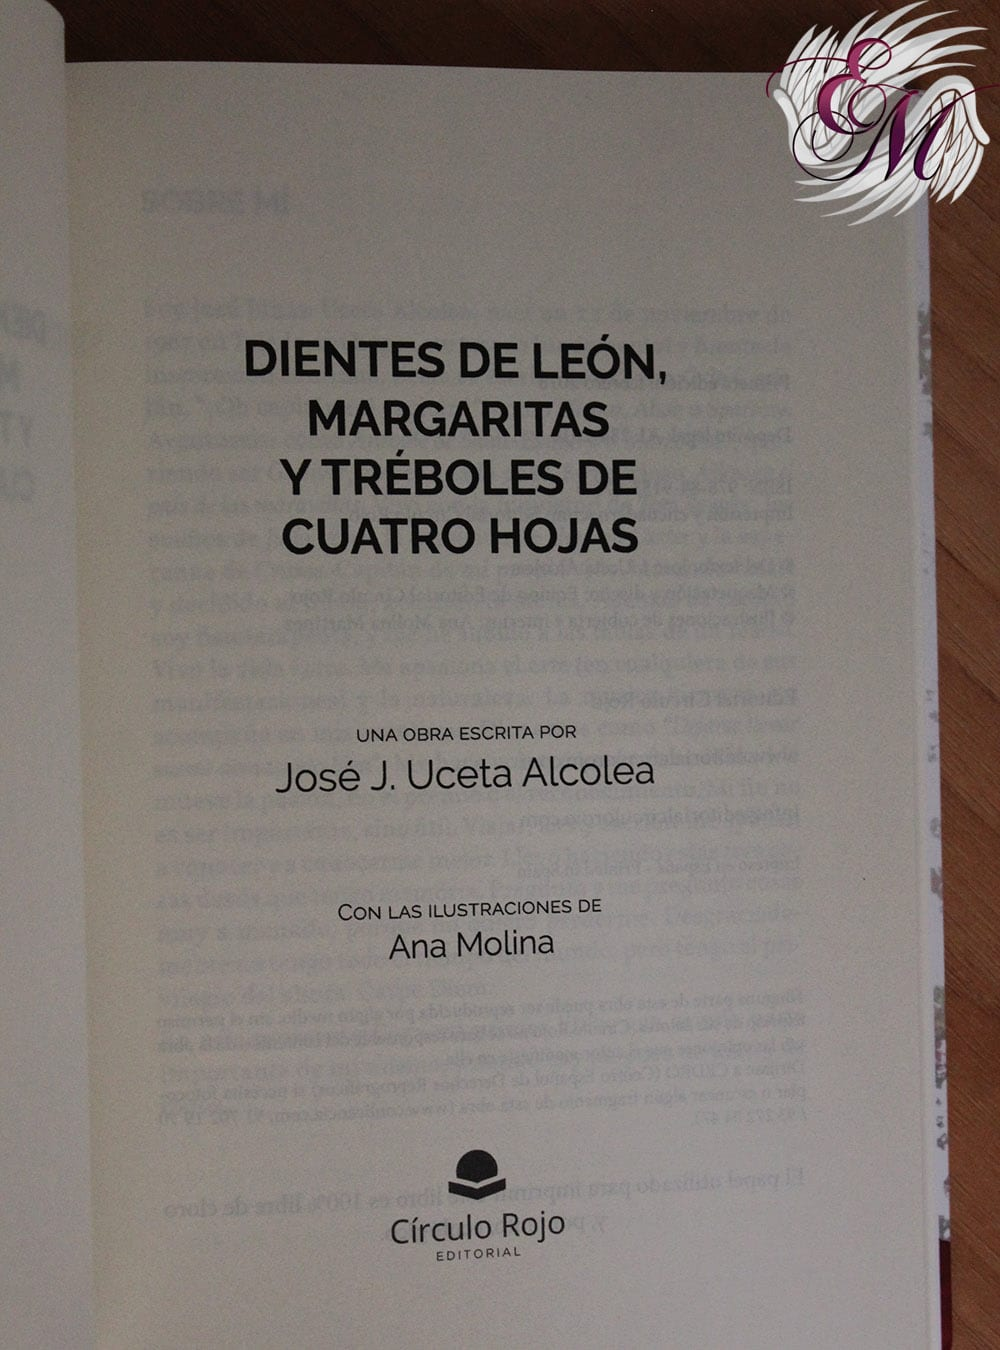 Dientes de león, margaritas y tréboles de cuatro hojas – José J. Uceta Alcolea – Reseña